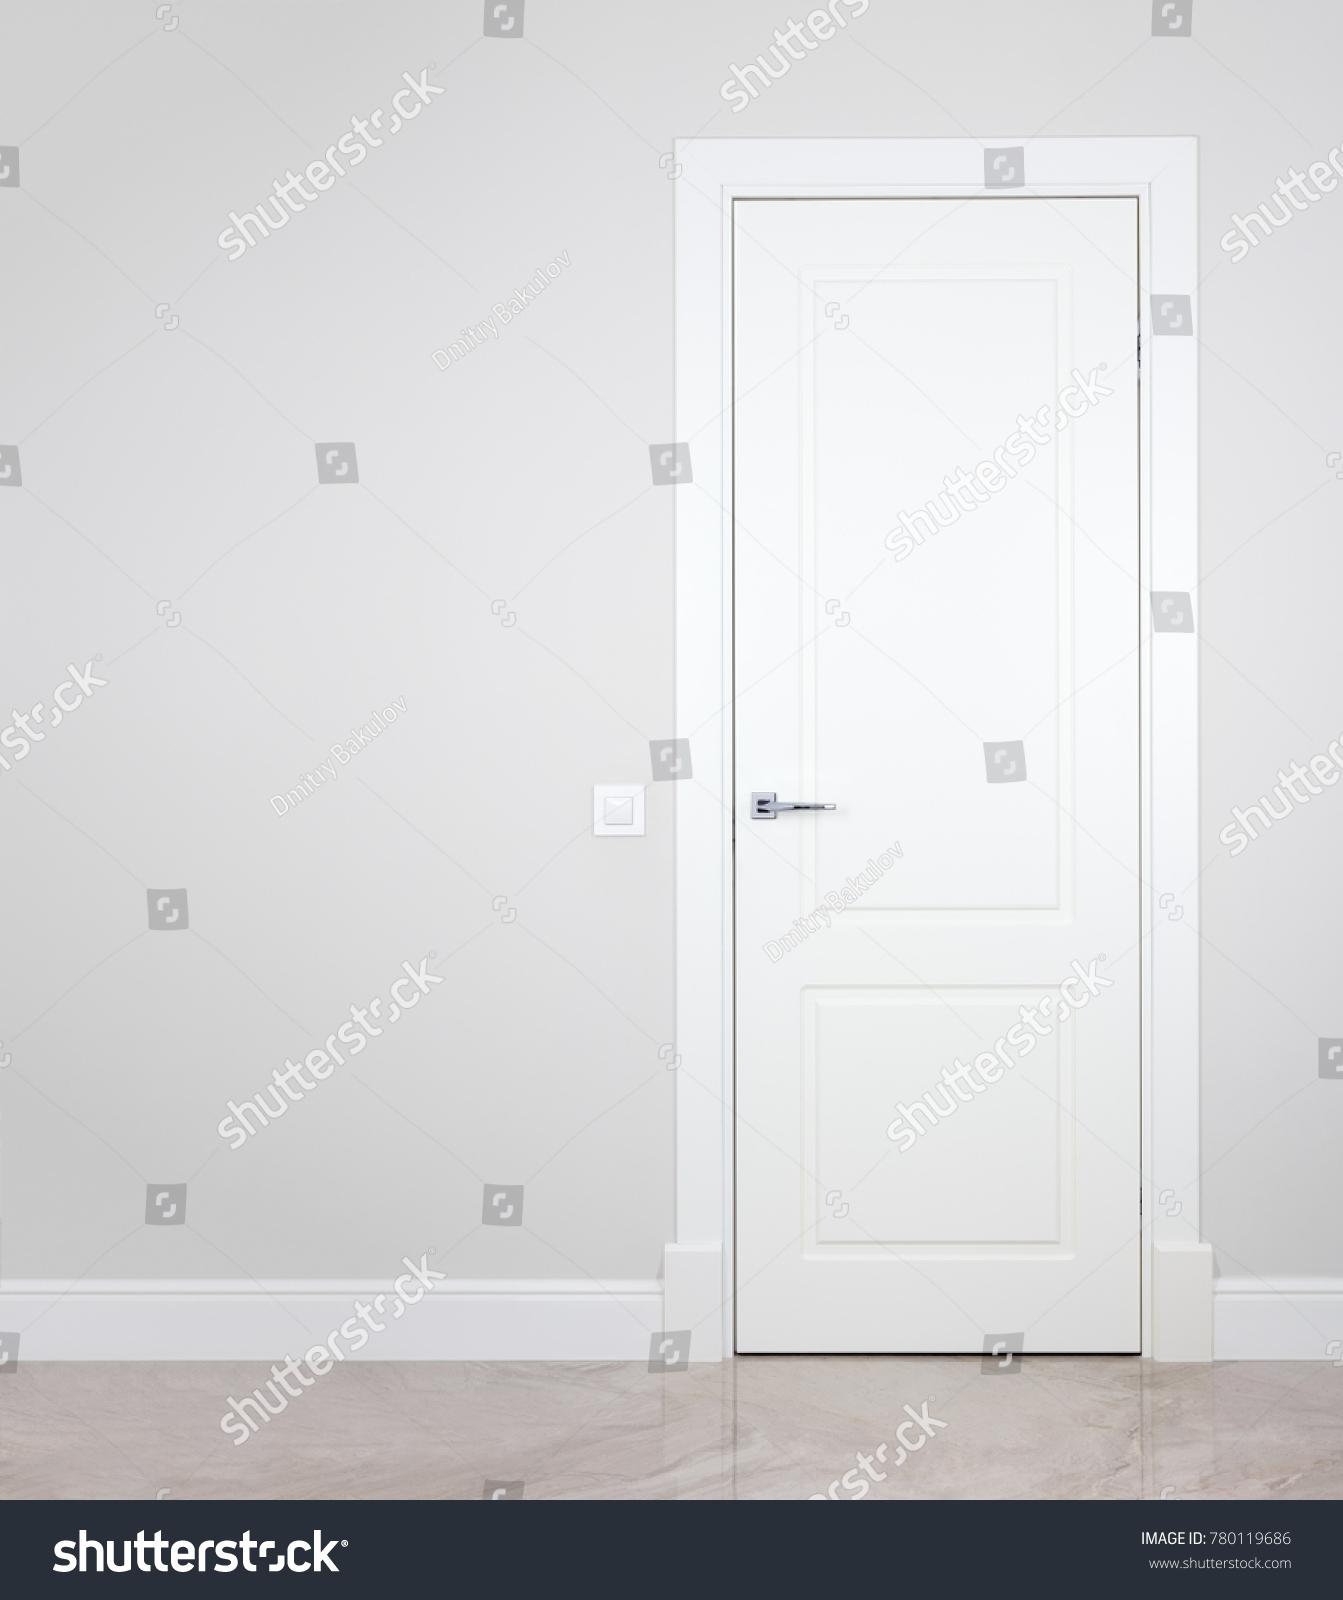 modern white interior door. Modern White Door. Grey Wall With Free Space. Minimalist Bright Interior Door